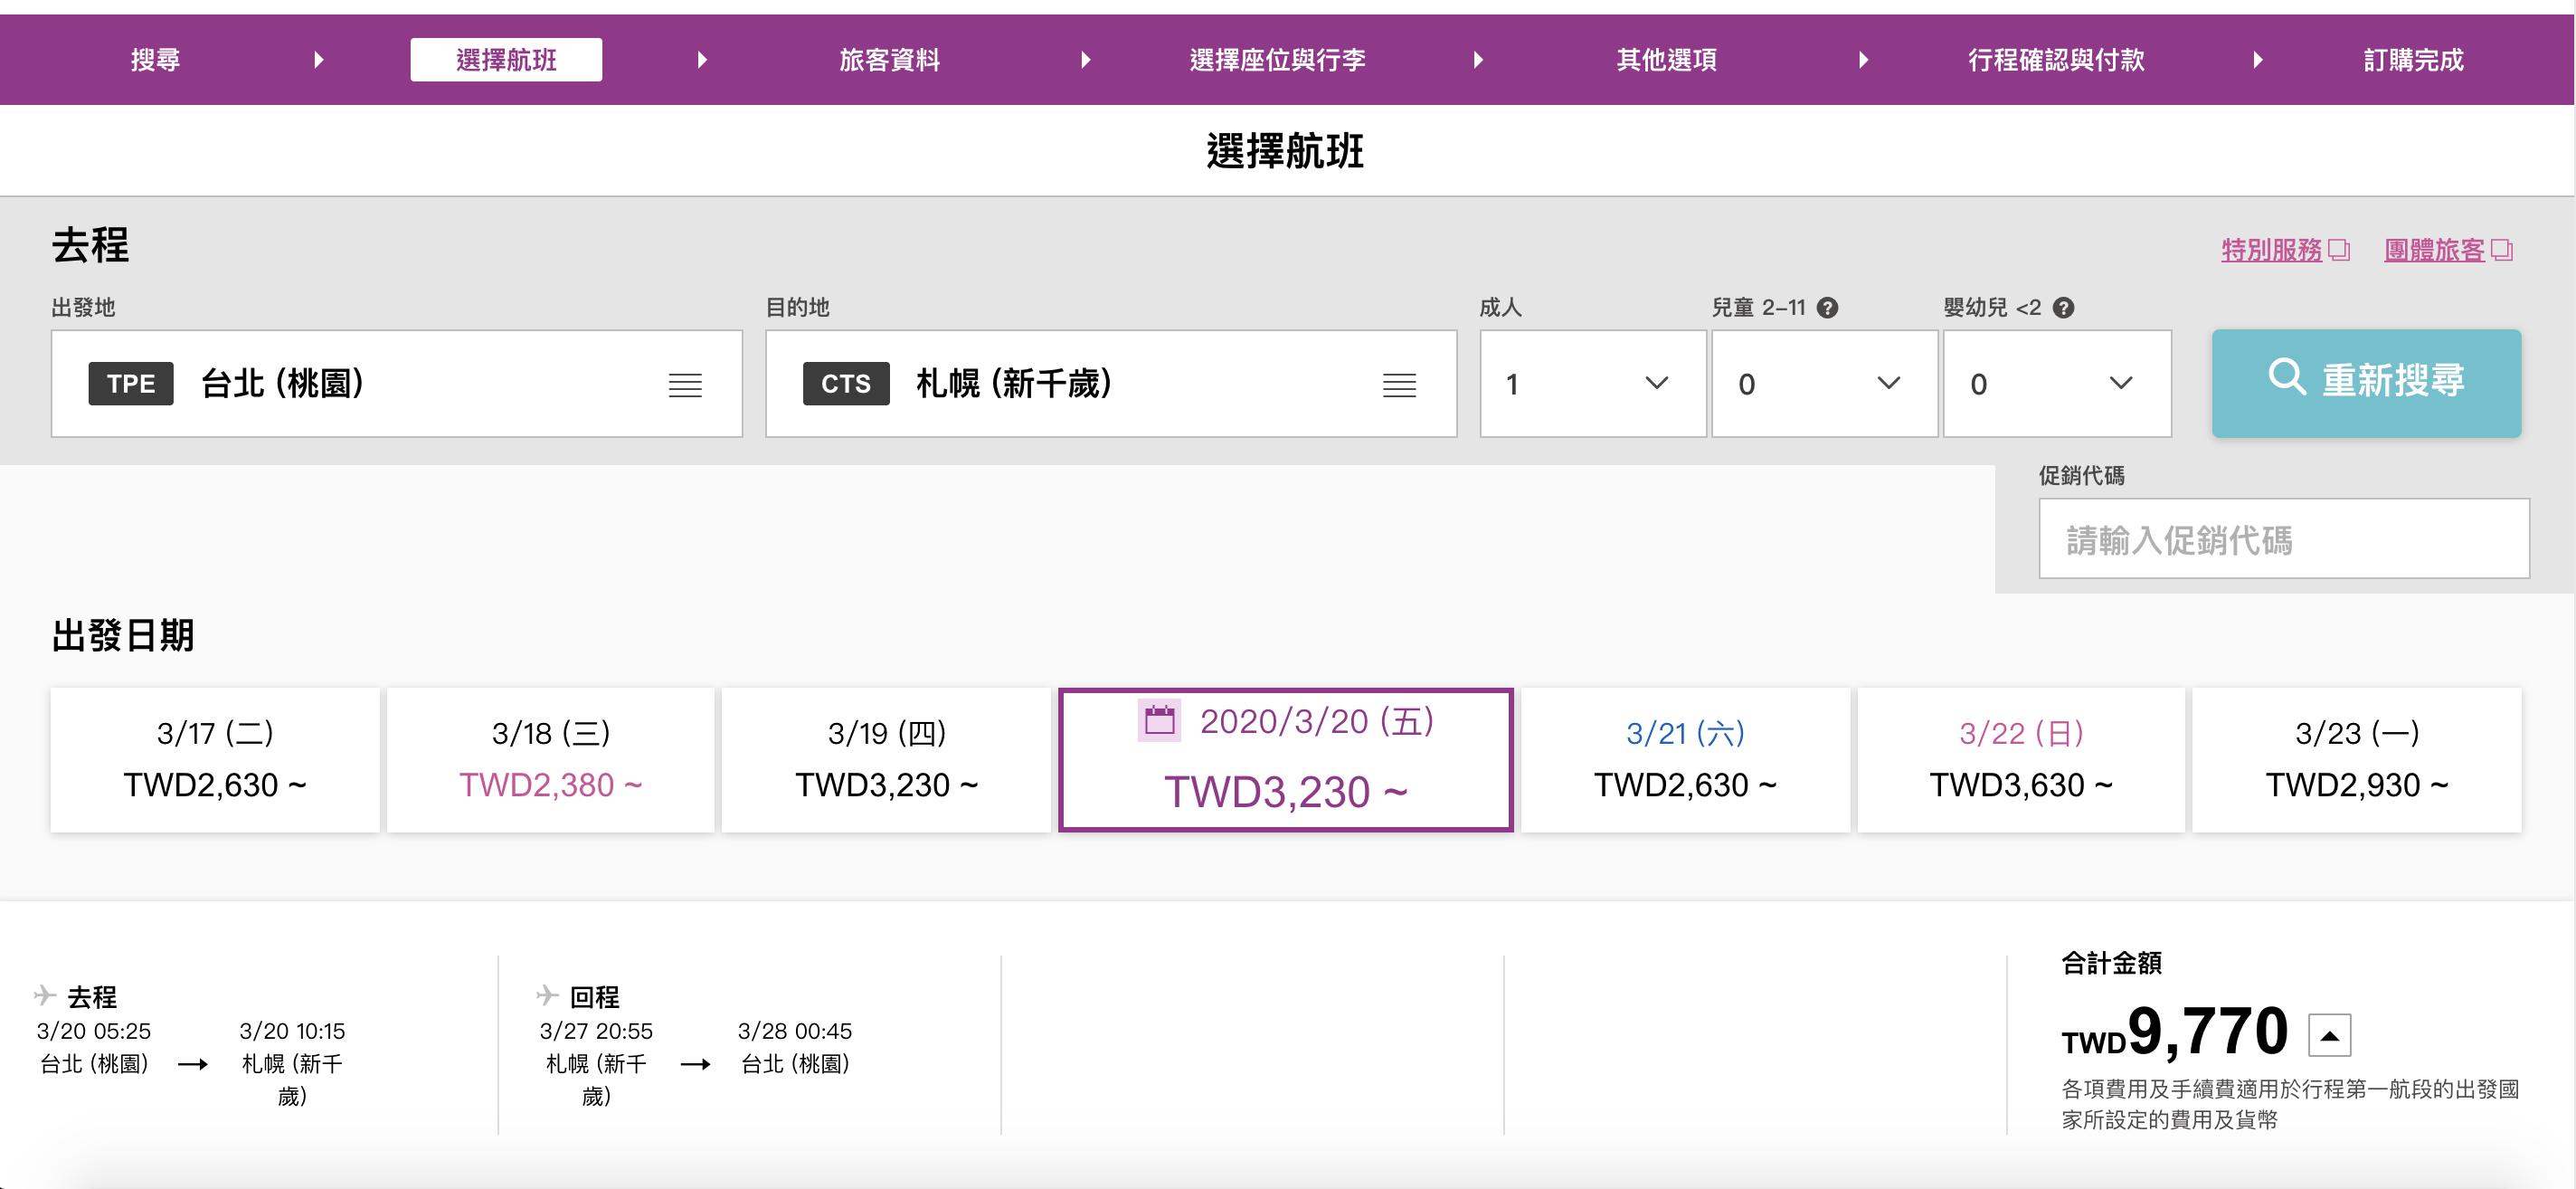 樂桃航空快閃新春特價,最低680元未稅~(查票:109.1.27)